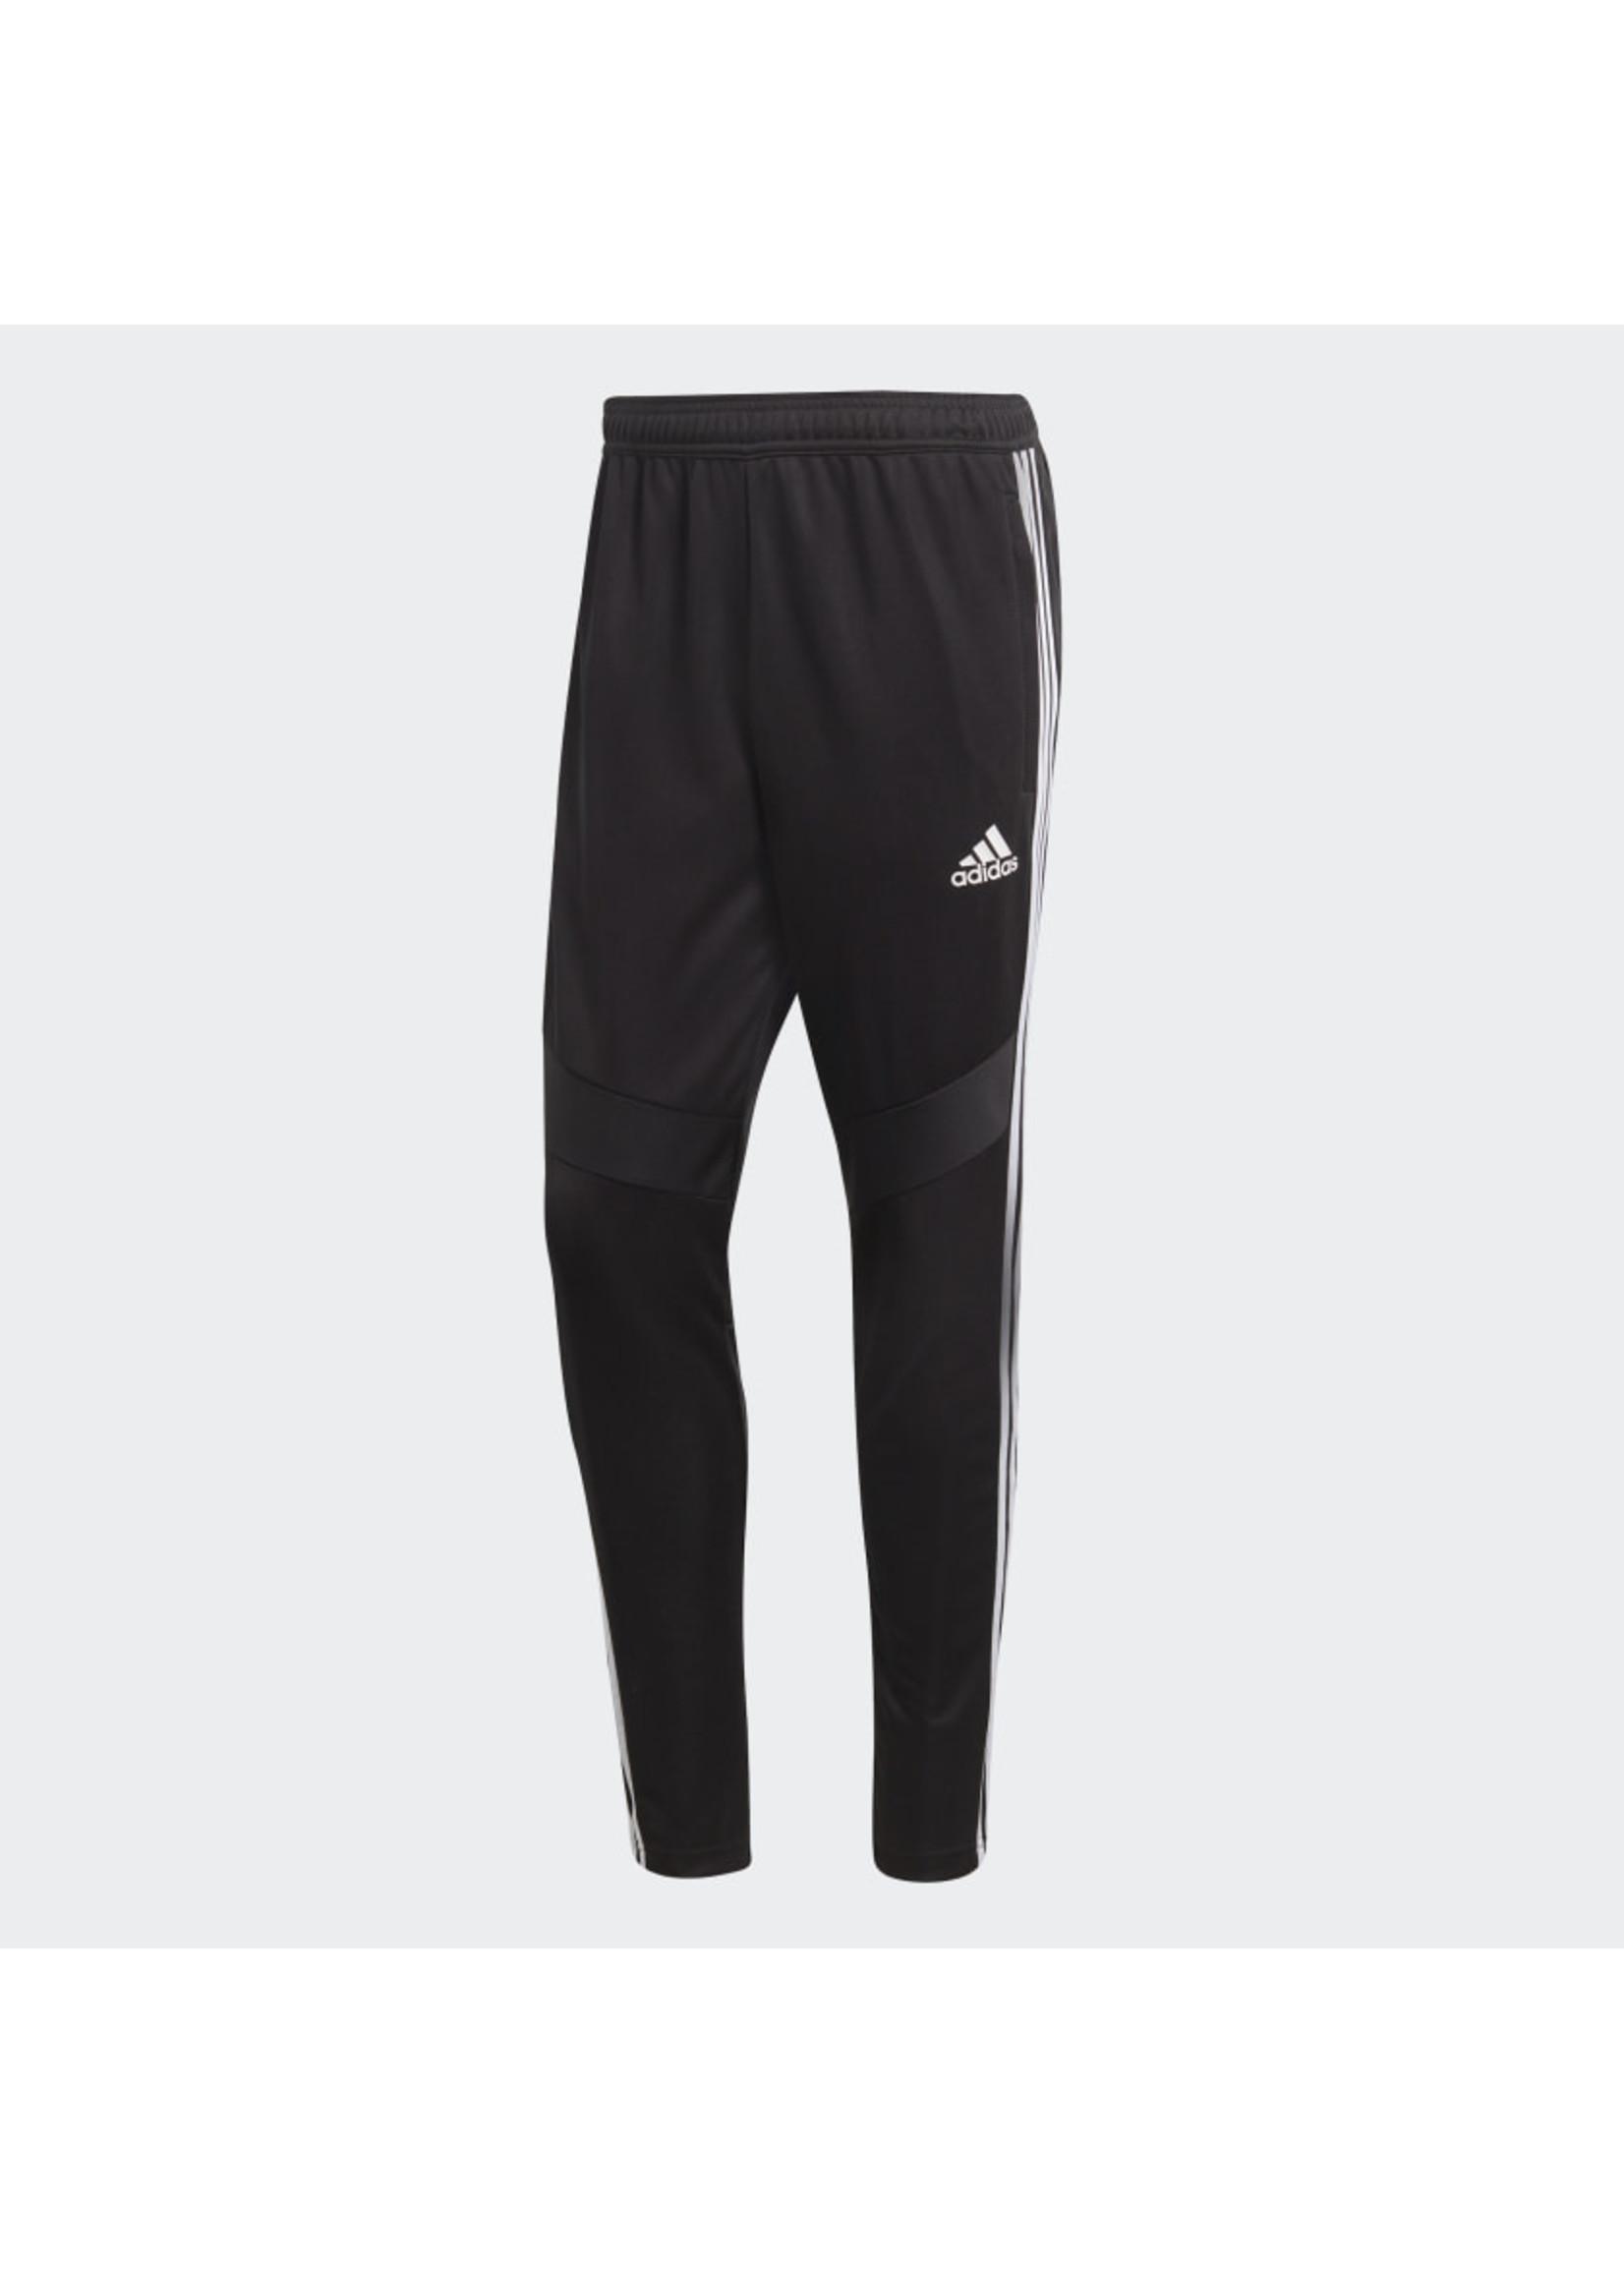 Adidas Tiro19 Pant